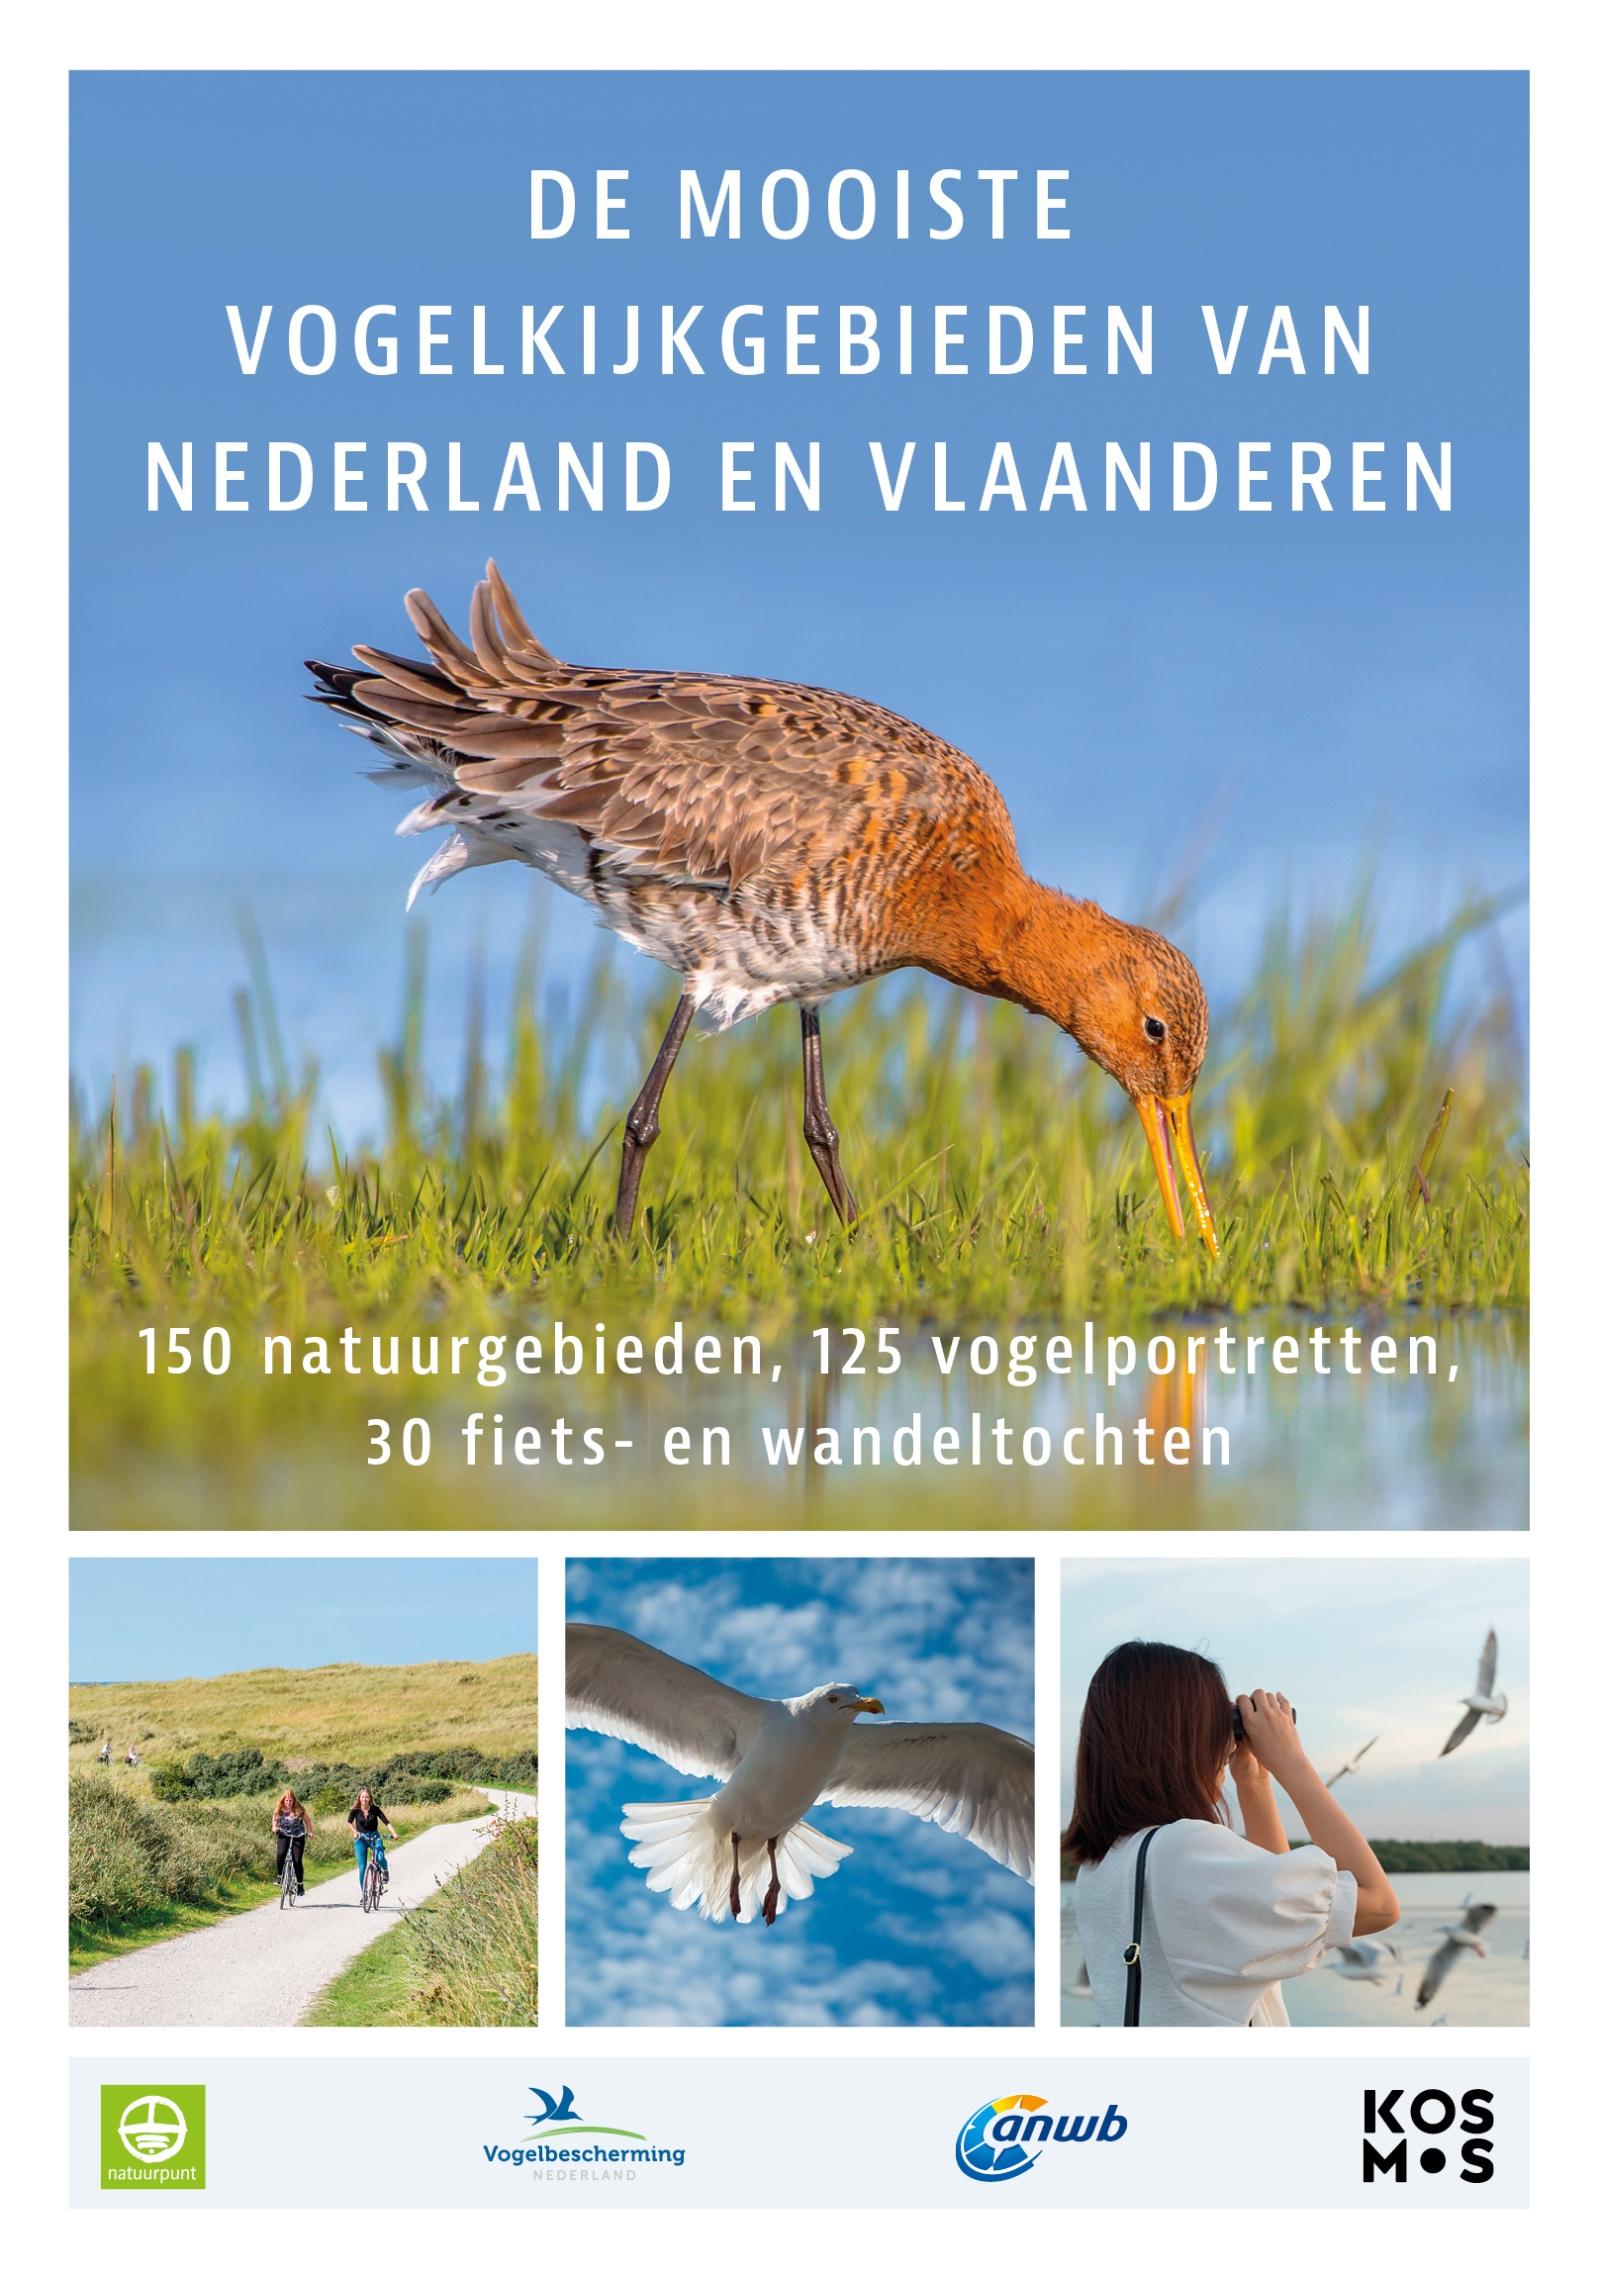 De mooiste vogelkijkgebieden van Nederland en Vlaanderen - boekenflits